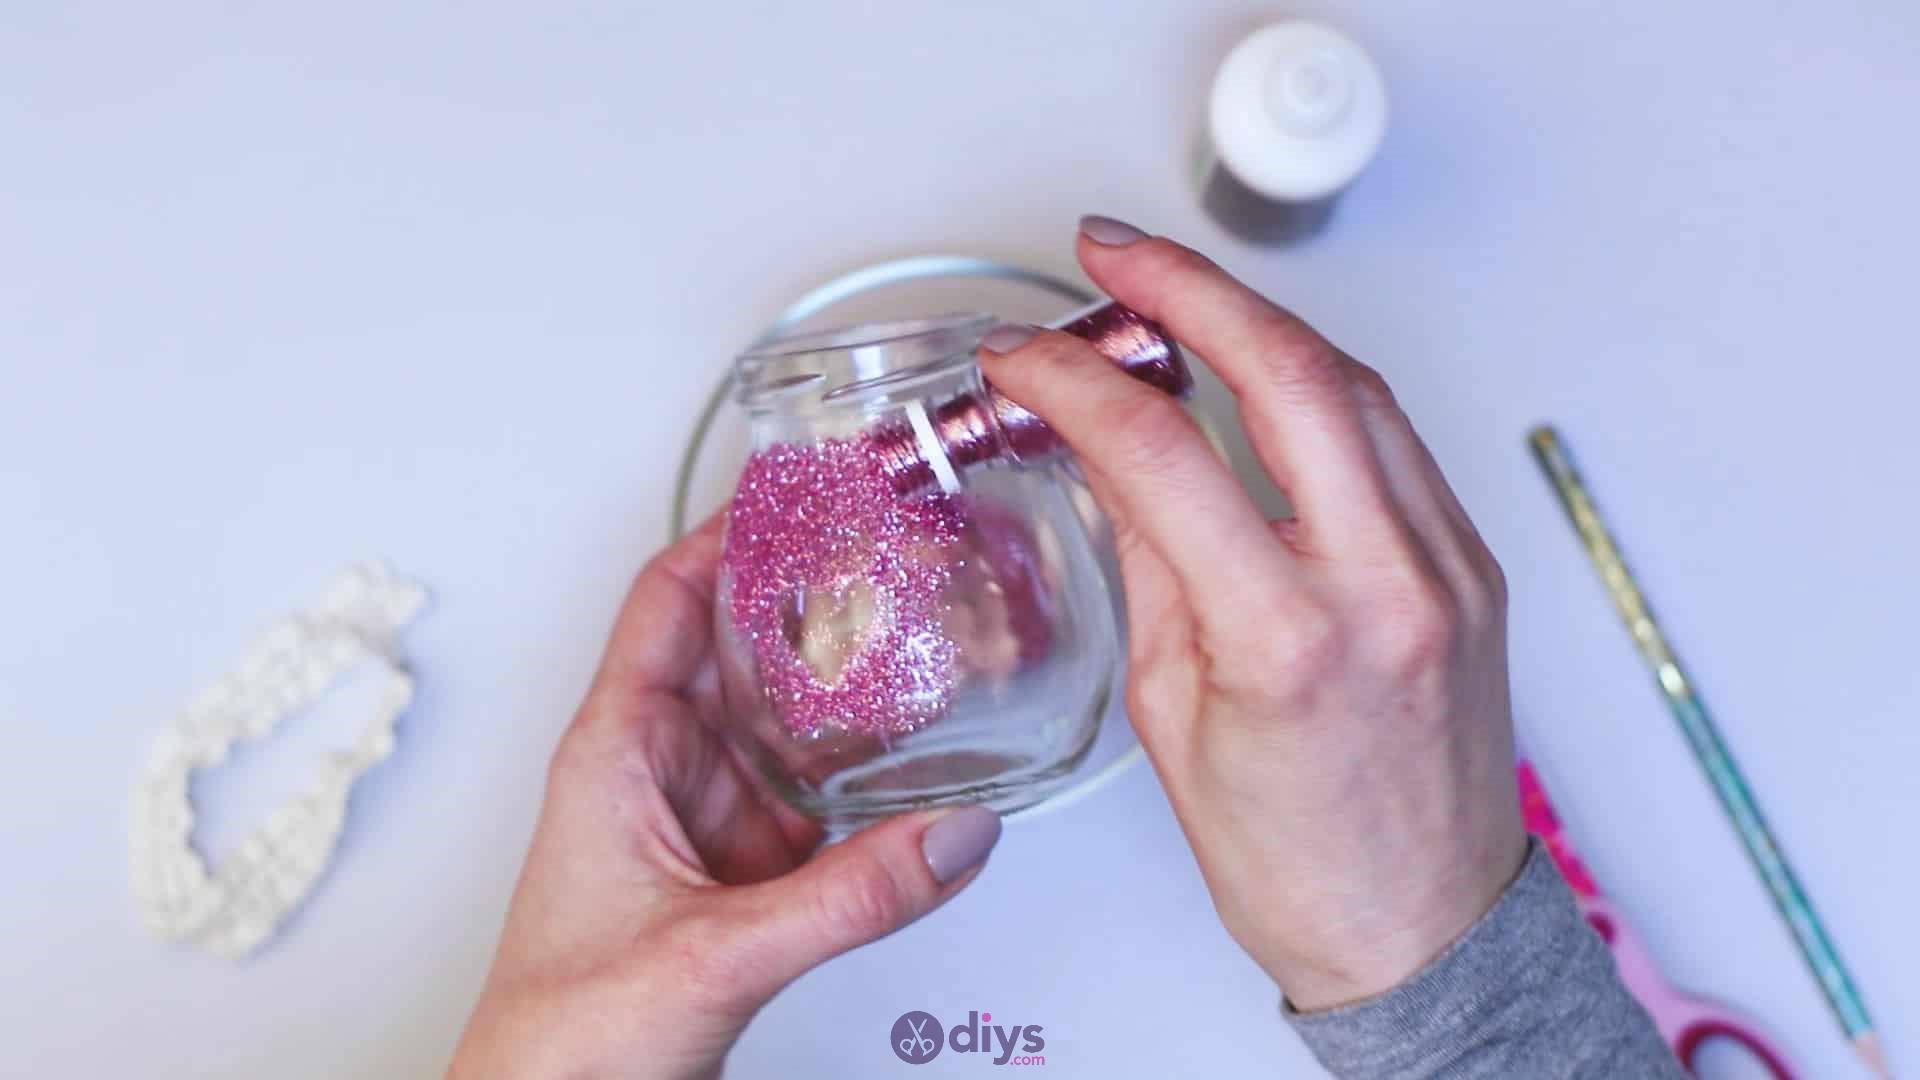 Diy flower glitter vase from glass jars step 5c